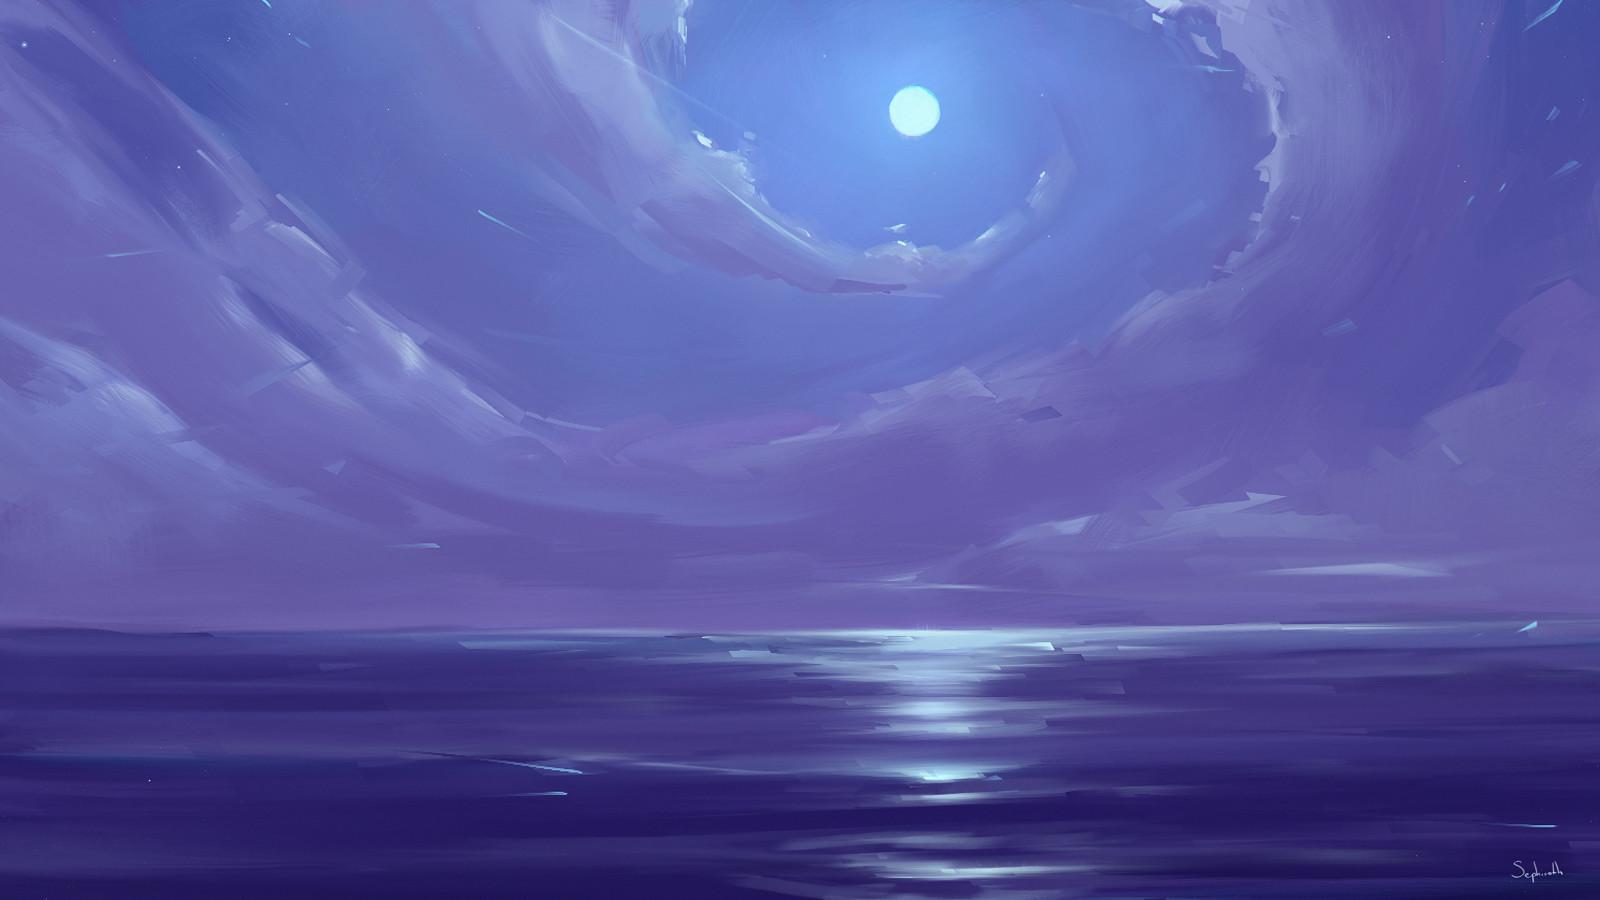 Sephiroth art edge